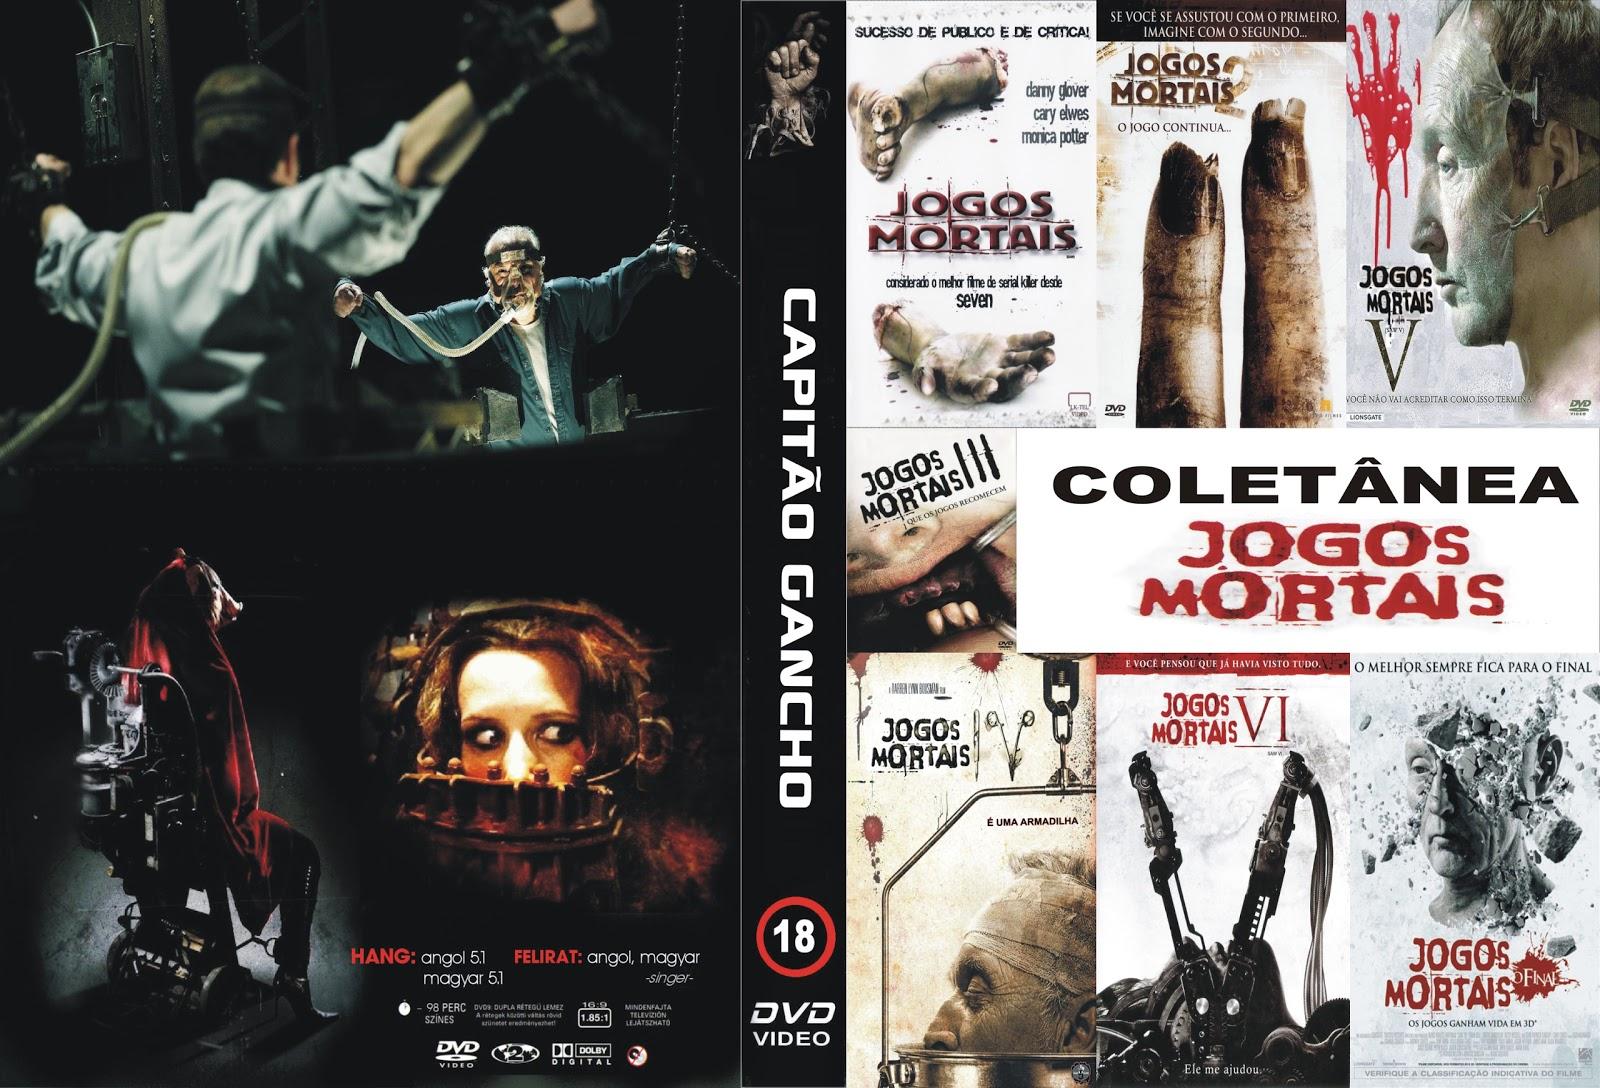 Coleção Jogos Mortais DVDRip XviD Dublado JOGOS MORTAIS COLETANE